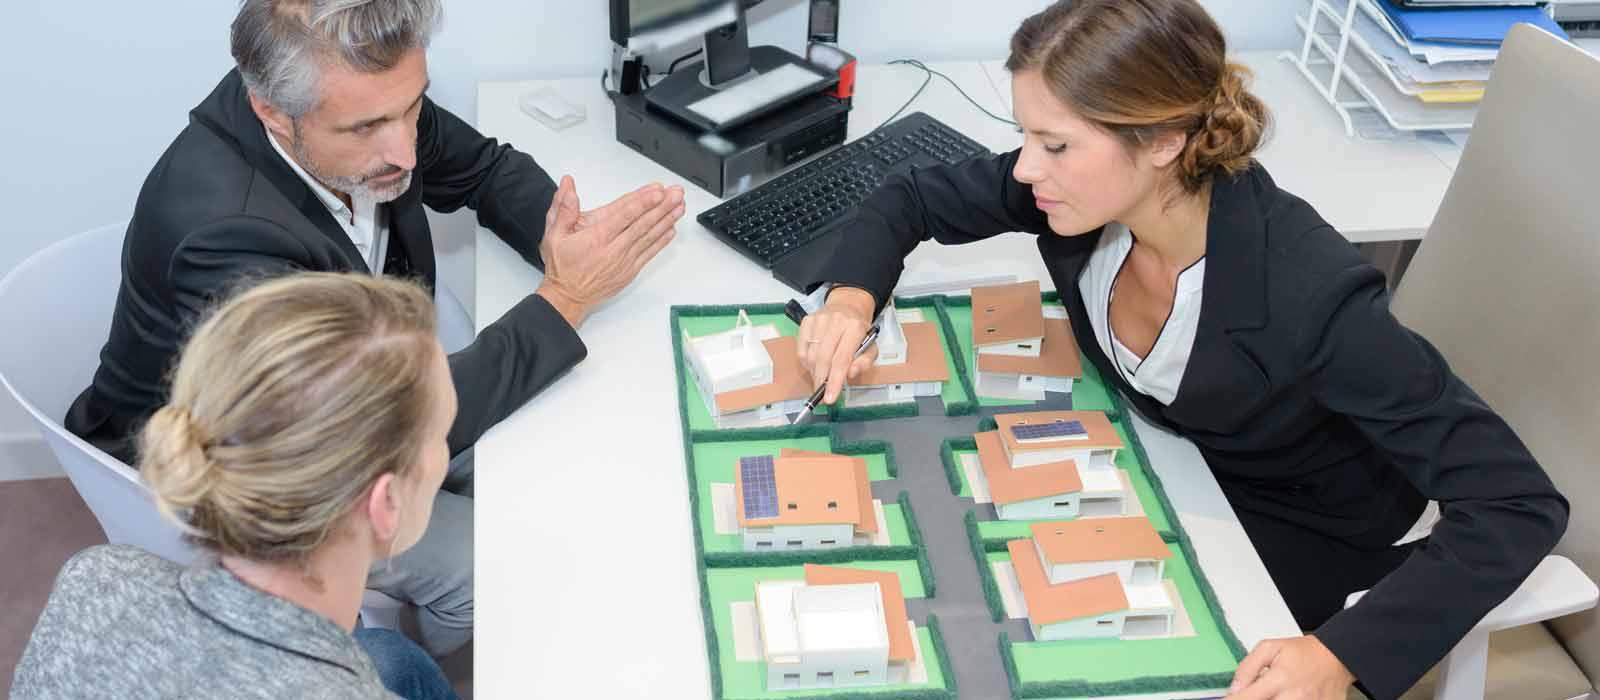 bihl-immobilier-normandie-25.jpg